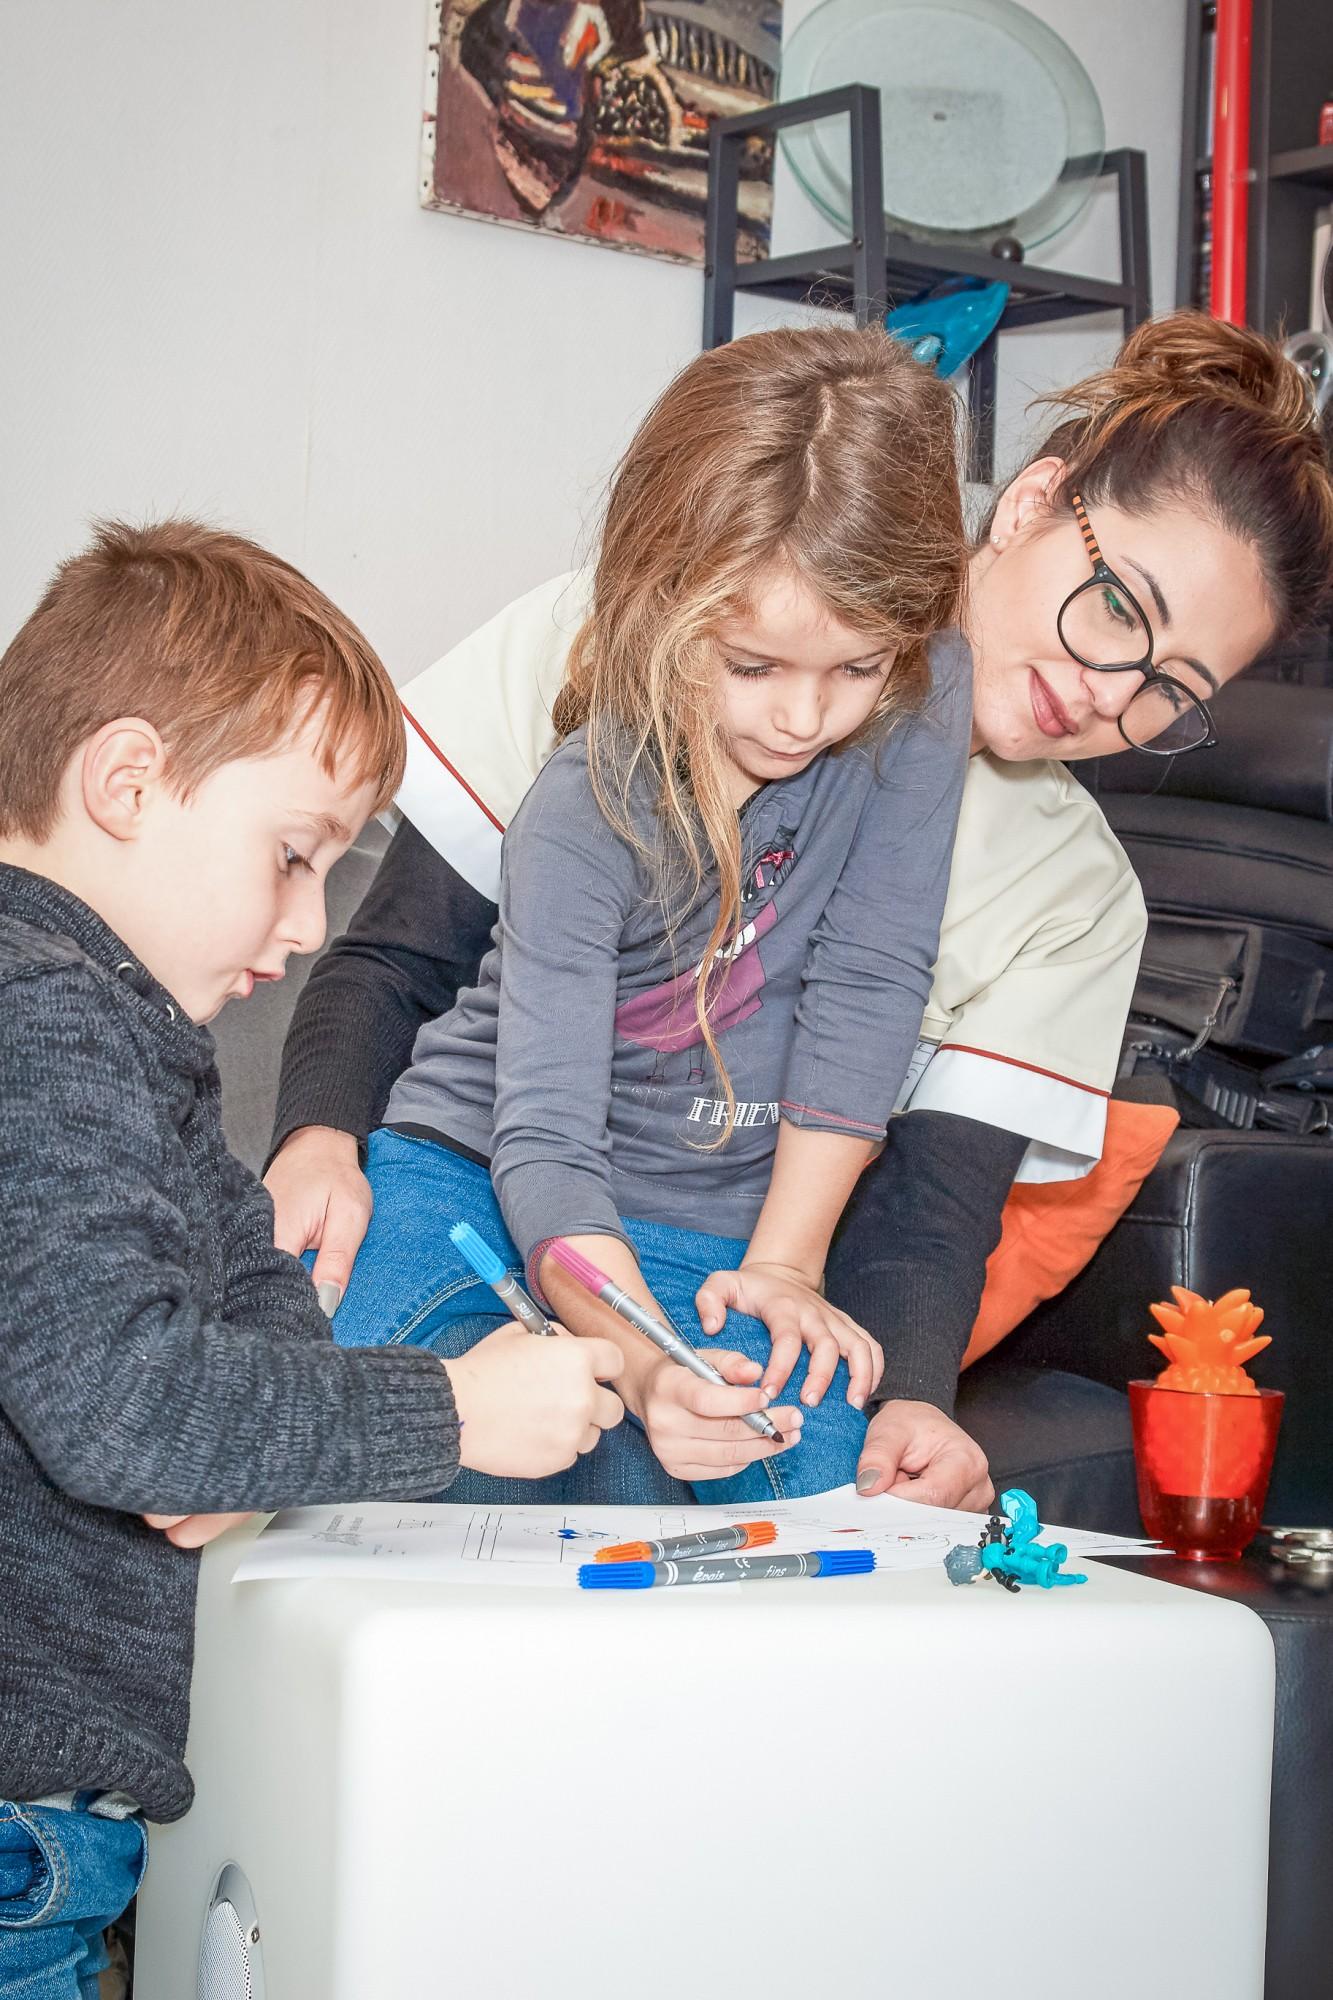 Familles / Actifs : ARCADE accompagne vos enfants à l'école et à leurs activités périscolaires